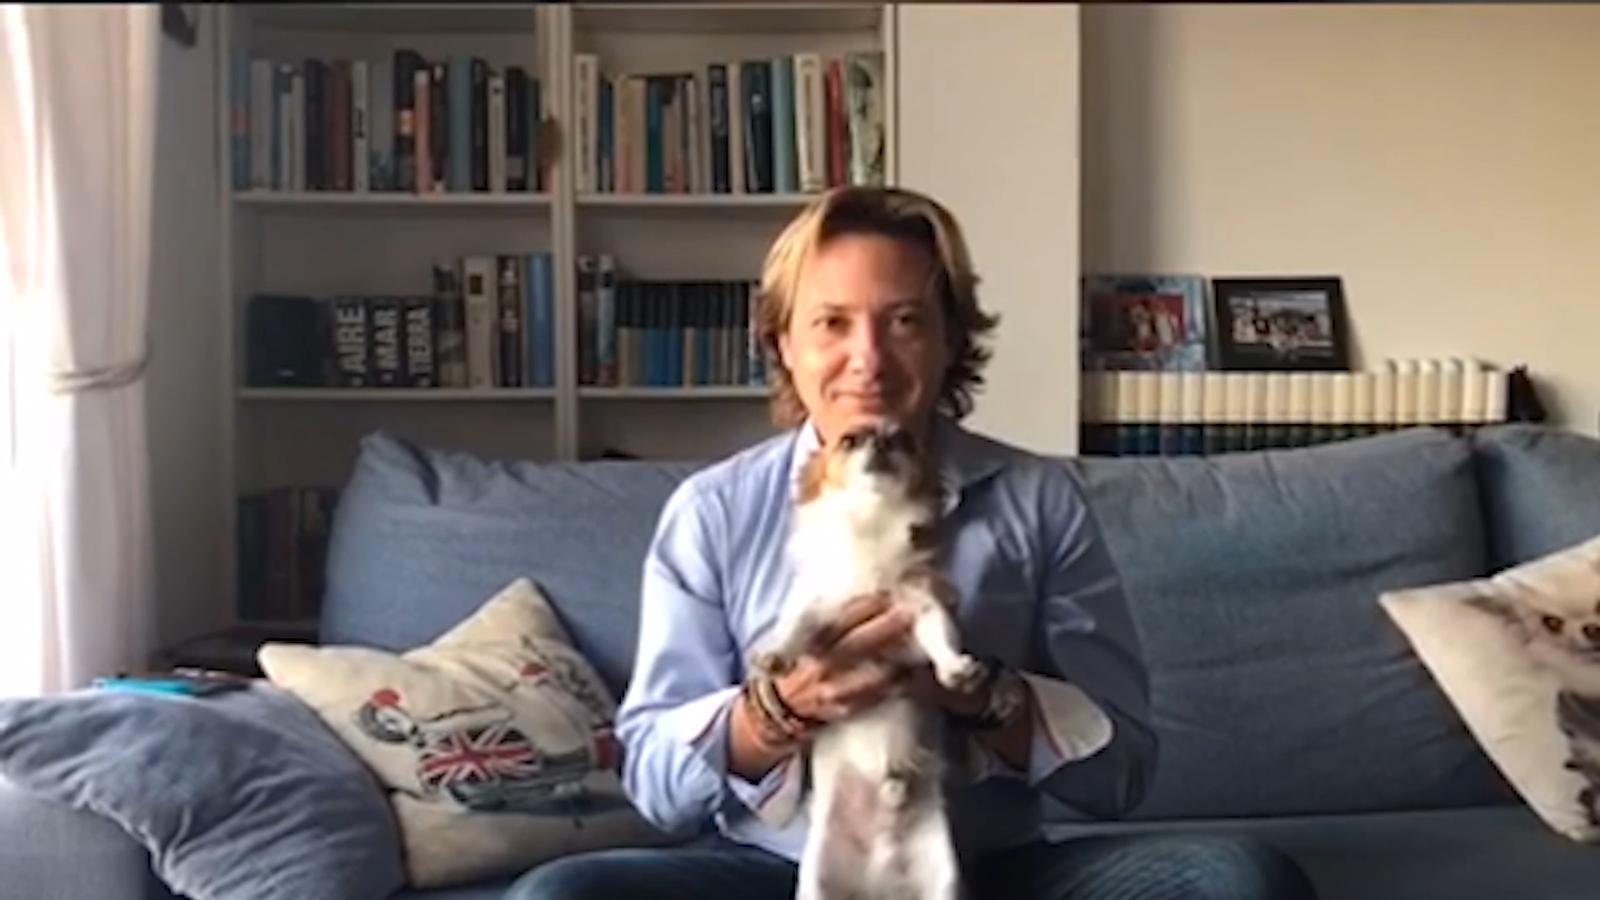 El líder de Vox a les Balears diu en un vídeo que el seu gos devora separatistes